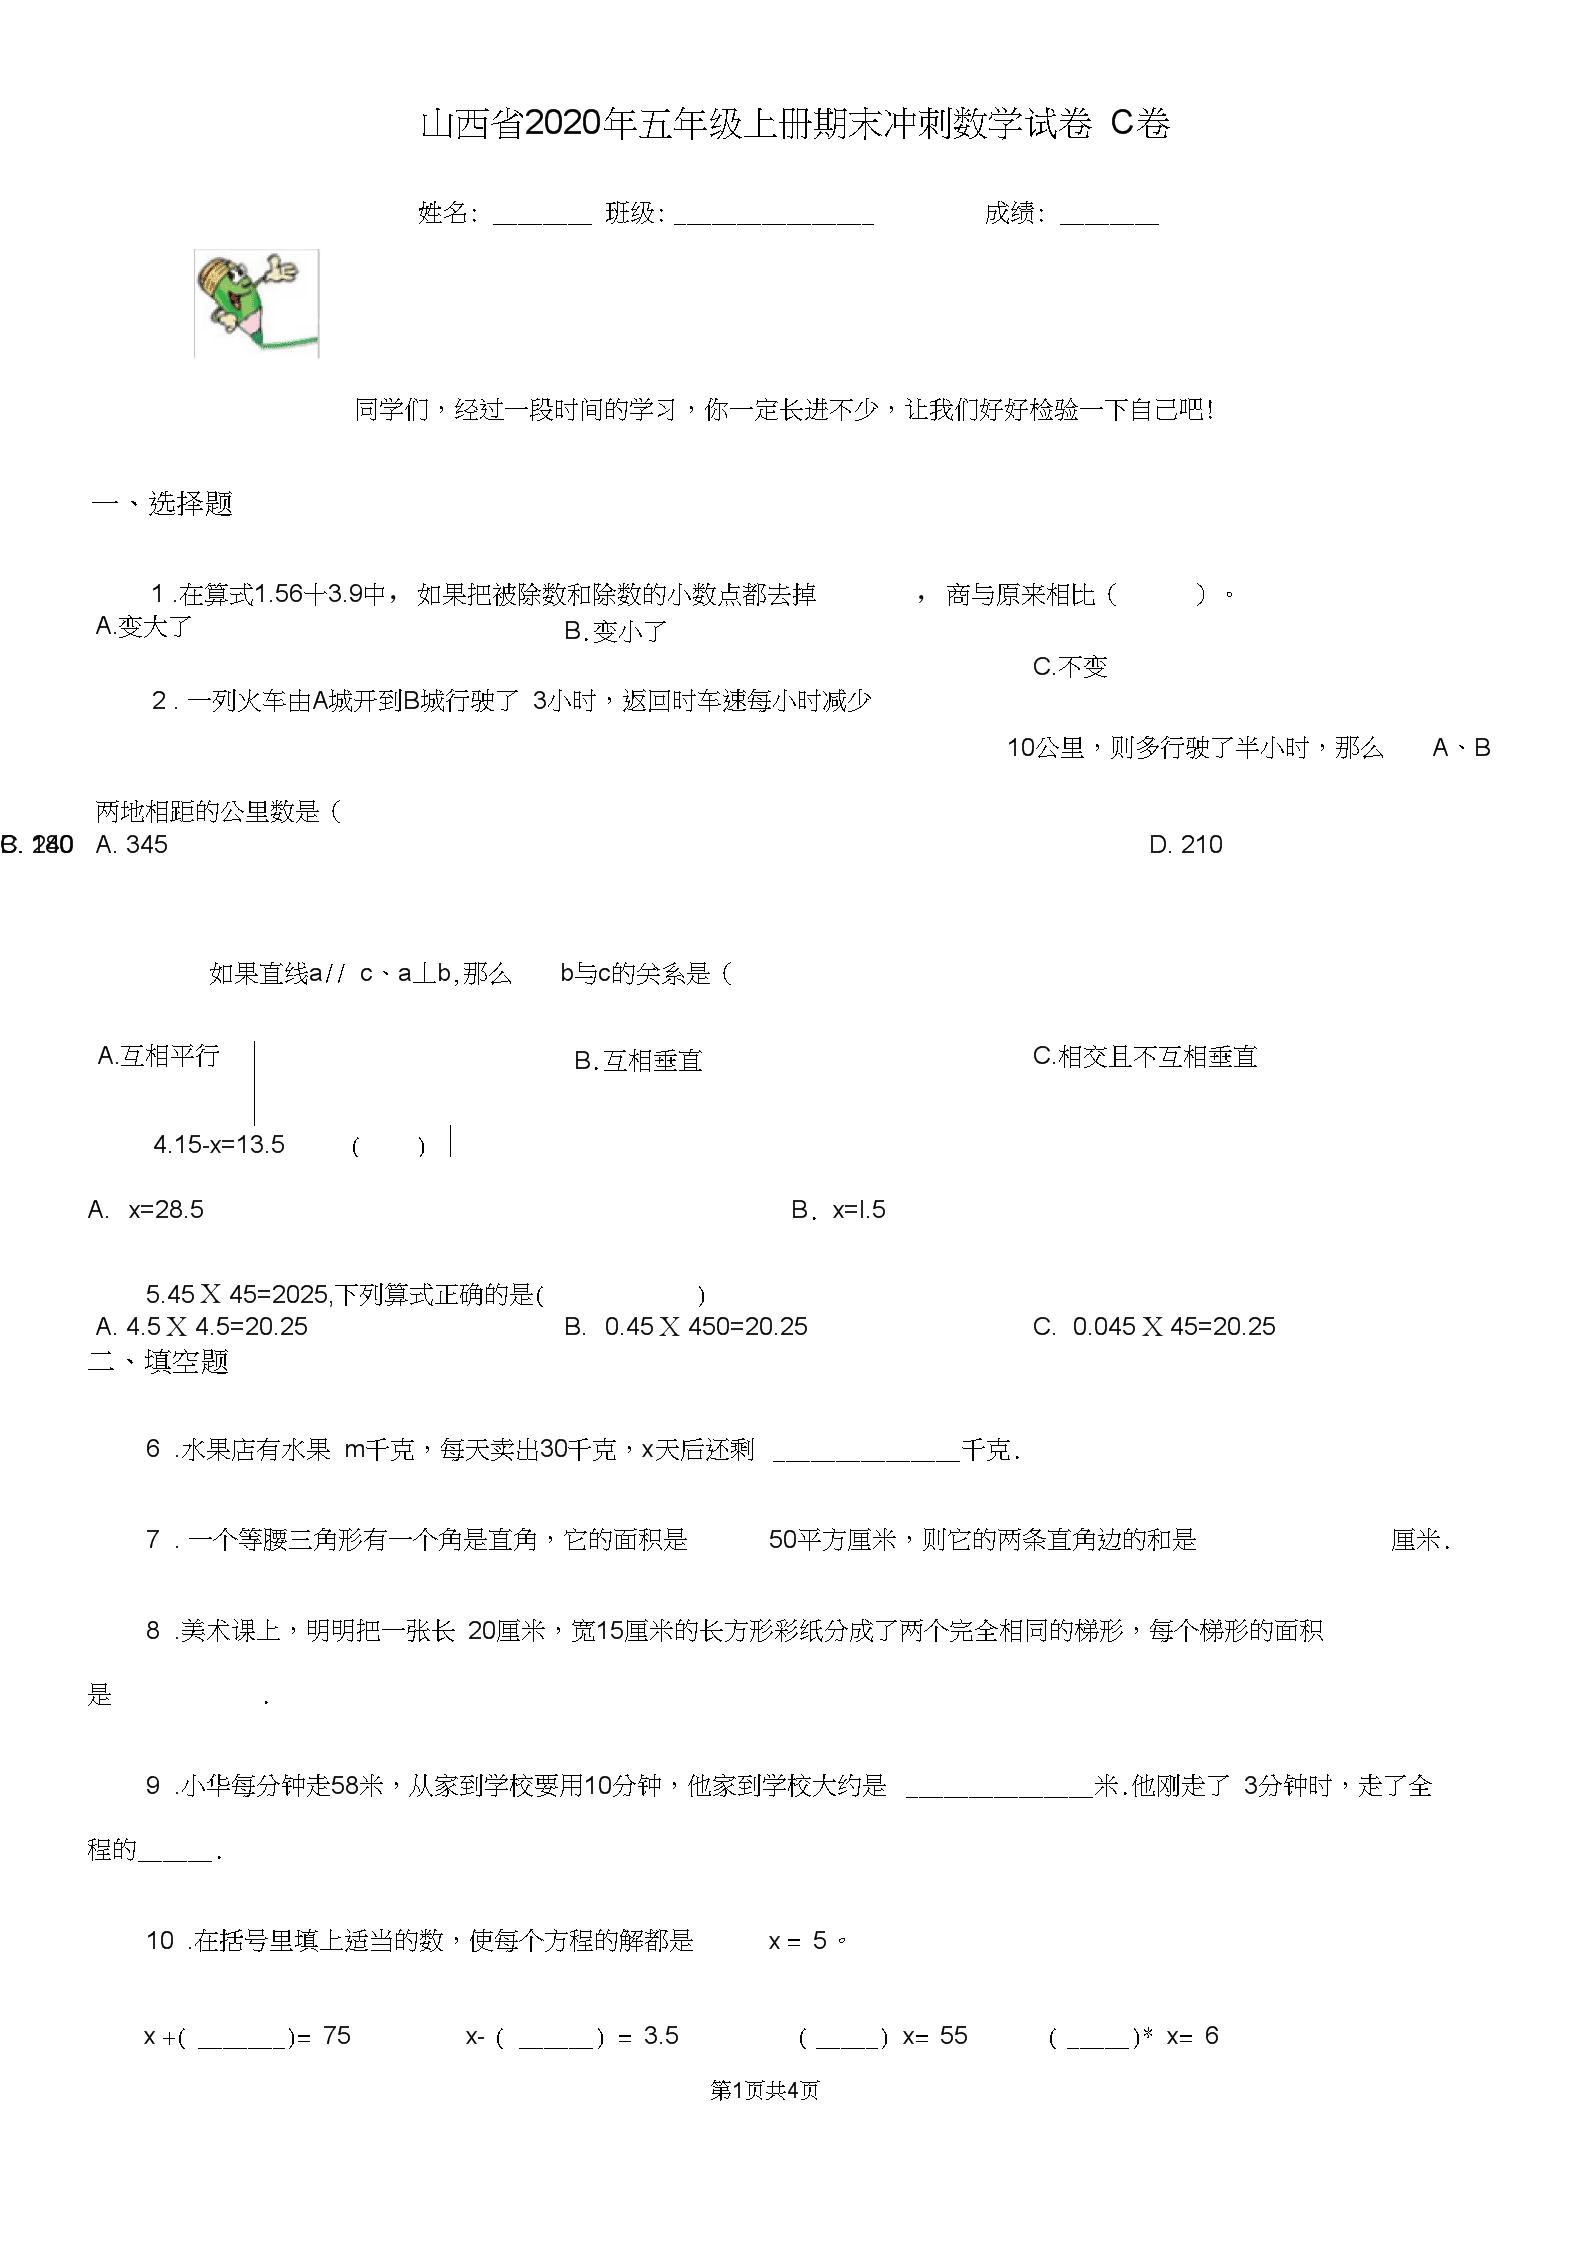 山西省2020年五年级上册期末冲刺数学试卷C卷.docx